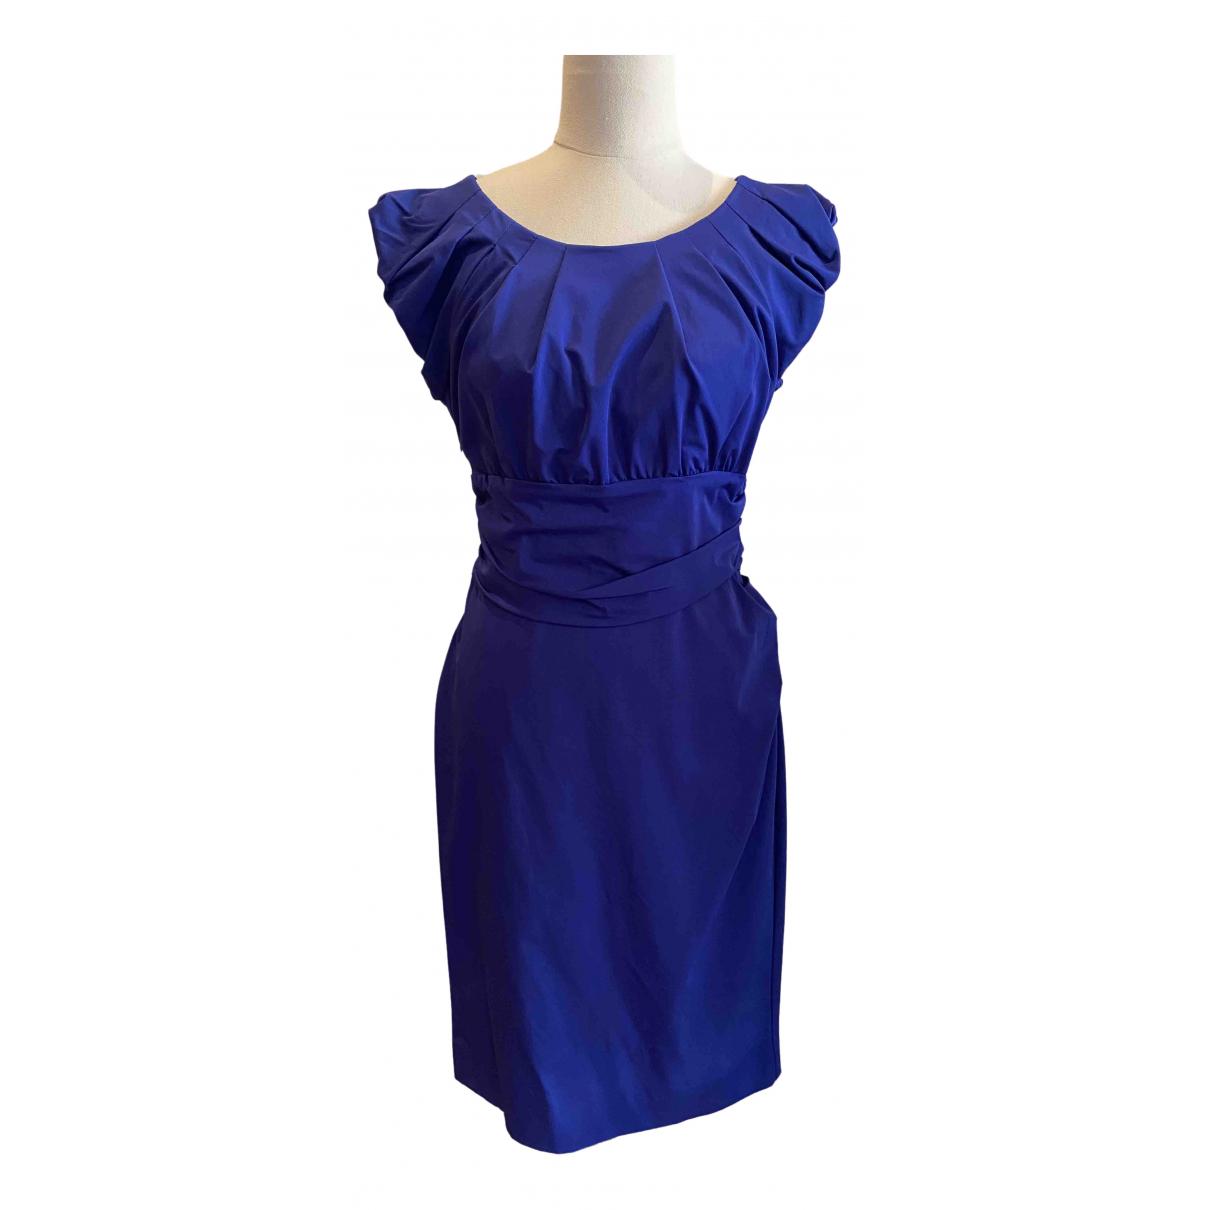 Diane Von Furstenberg \N Blue dress for Women 6 US